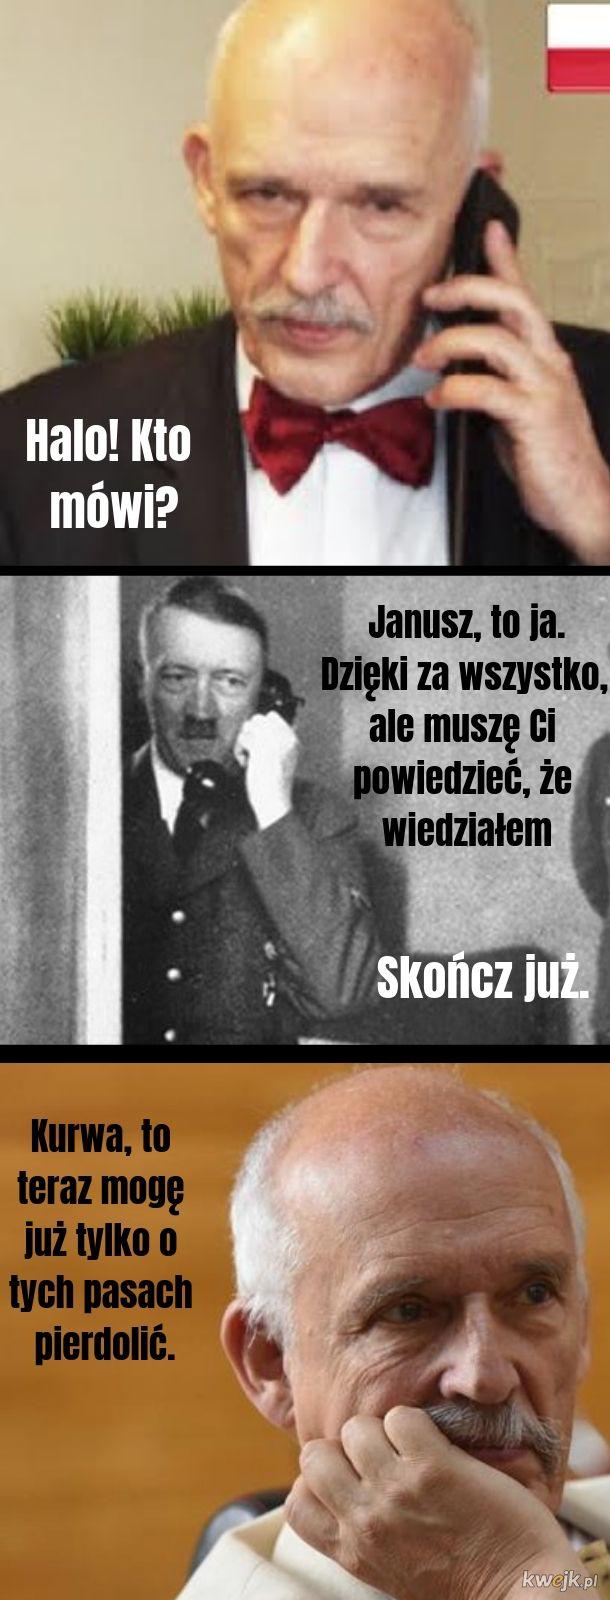 Wiedział.